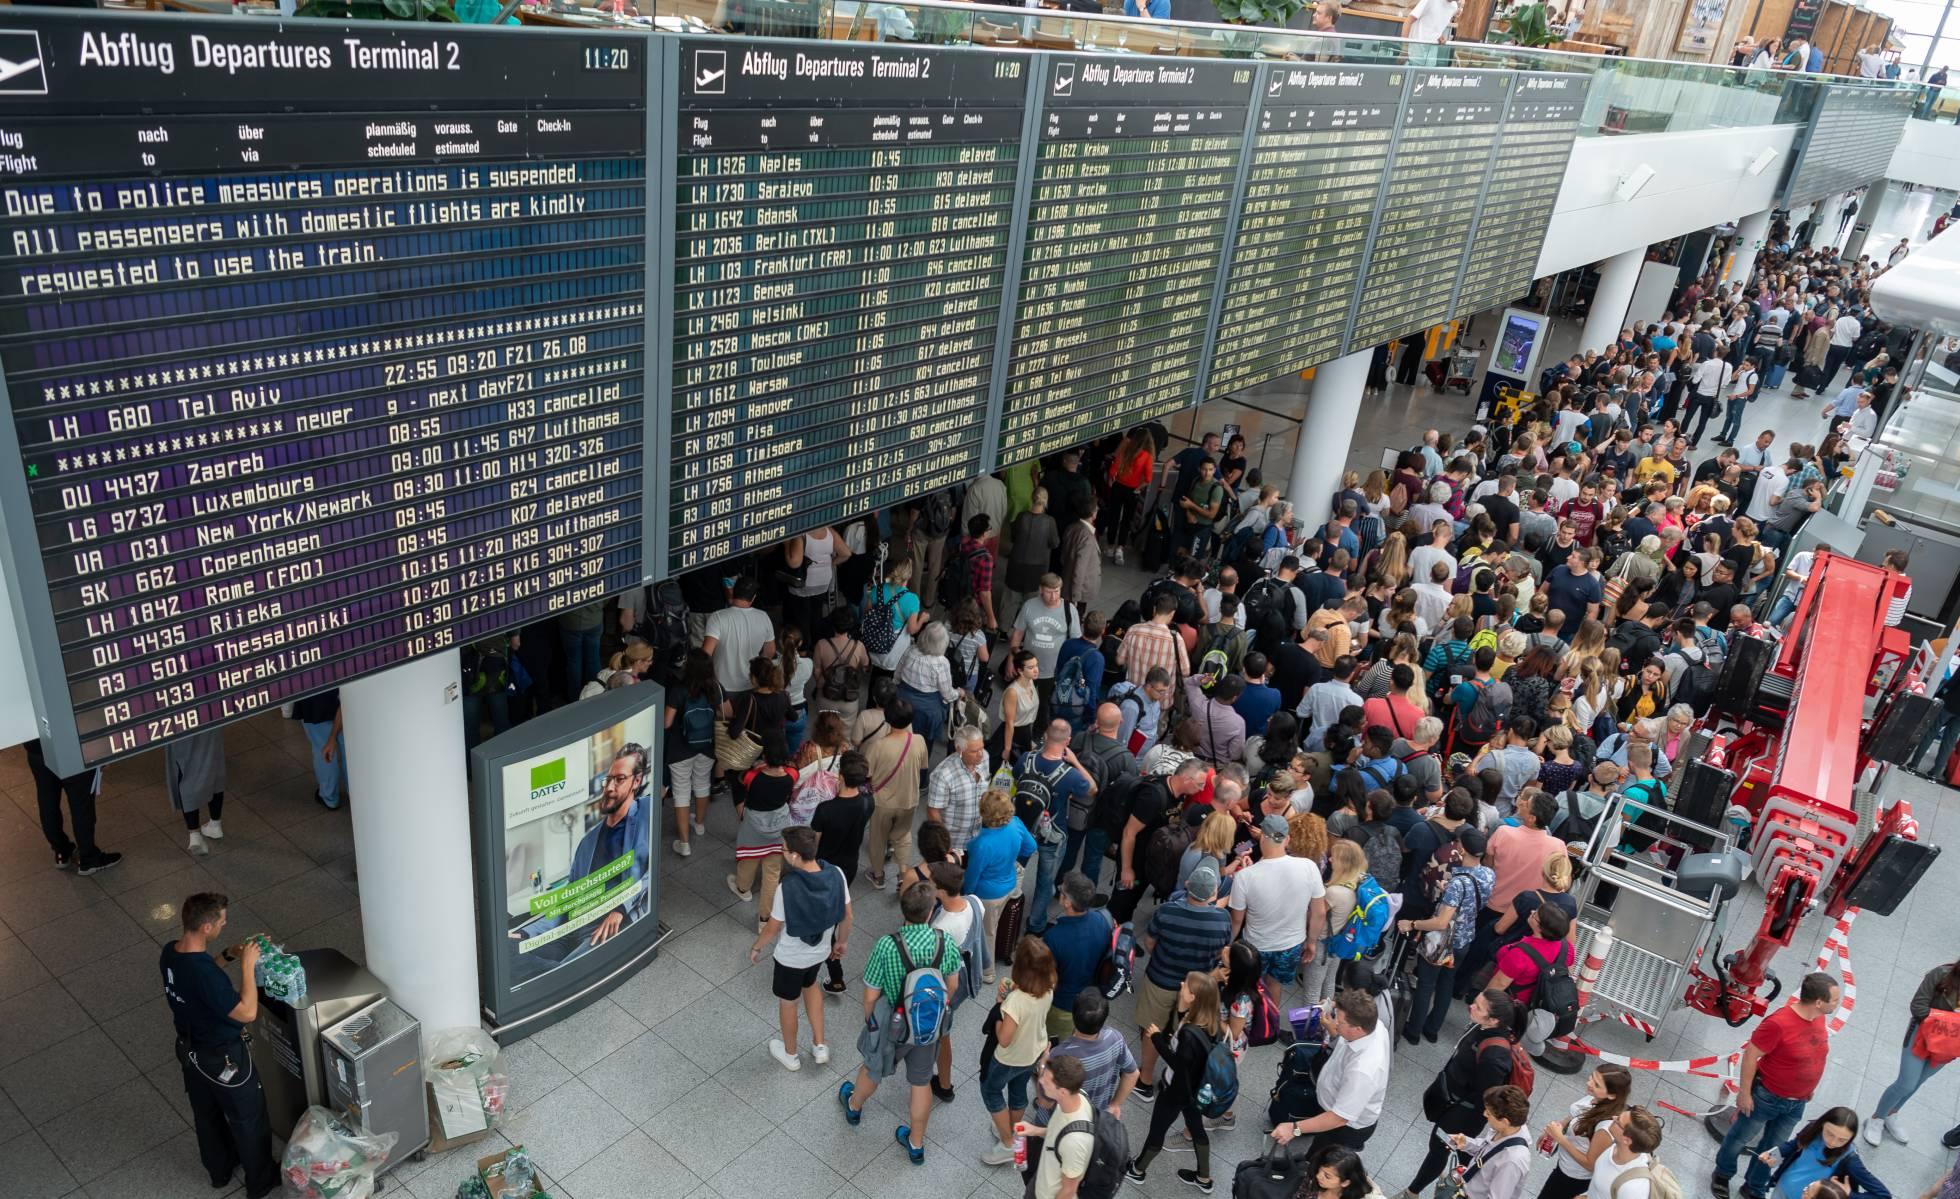 aeropuerto, Múnich, Alemania, vuelos, pasajeros, aviones